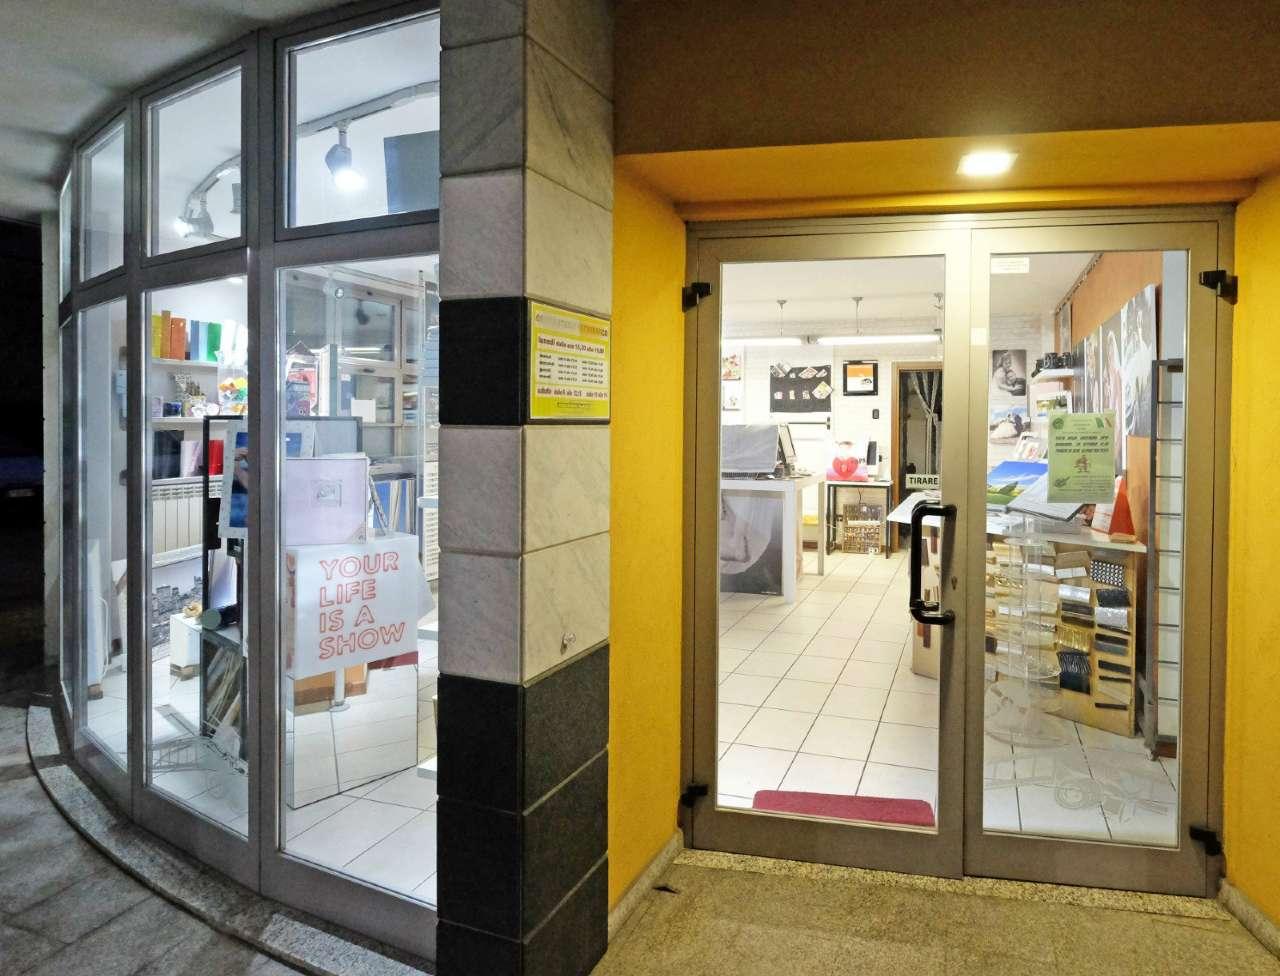 Negozio / Locale in affitto a Terno d'Isola, 2 locali, prezzo € 750 | CambioCasa.it